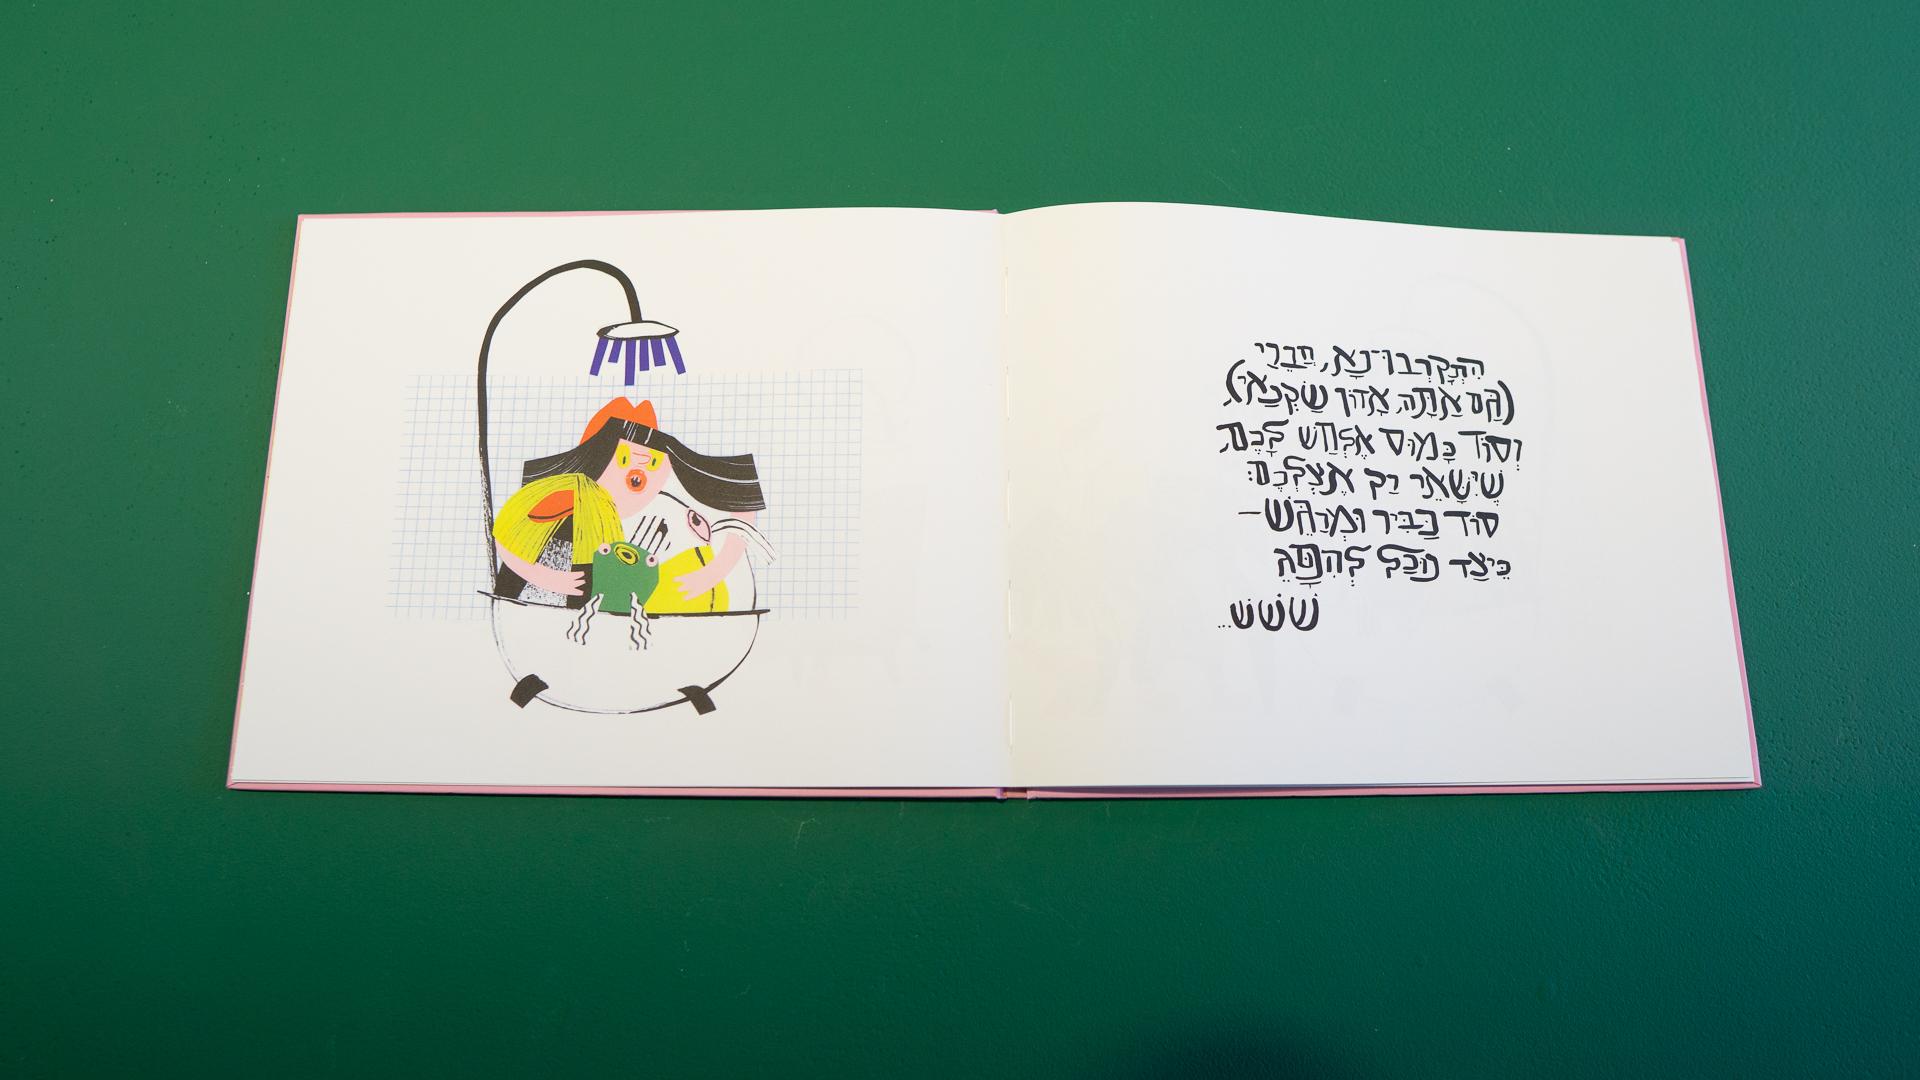 עדן אופיר, תערוכת הבוגרים שנקר. צילום: טל סולומון ורדי